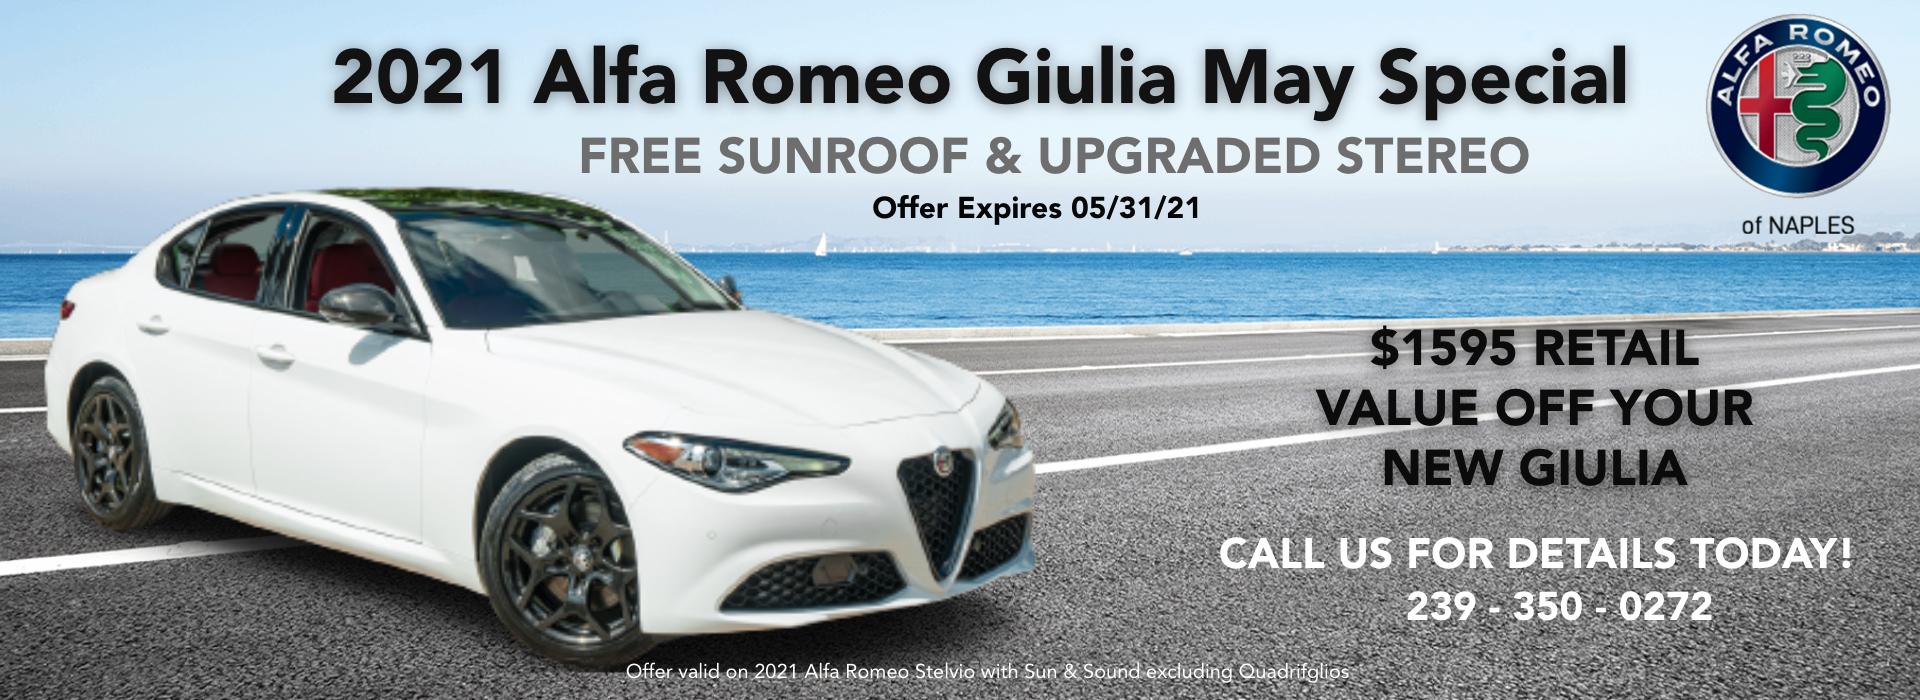 2021_Alfa Romeo_Giulia_Ti Sport_Mon May 10 2021 10_27_30 GMT-0400 (Eastern Daylight Time)